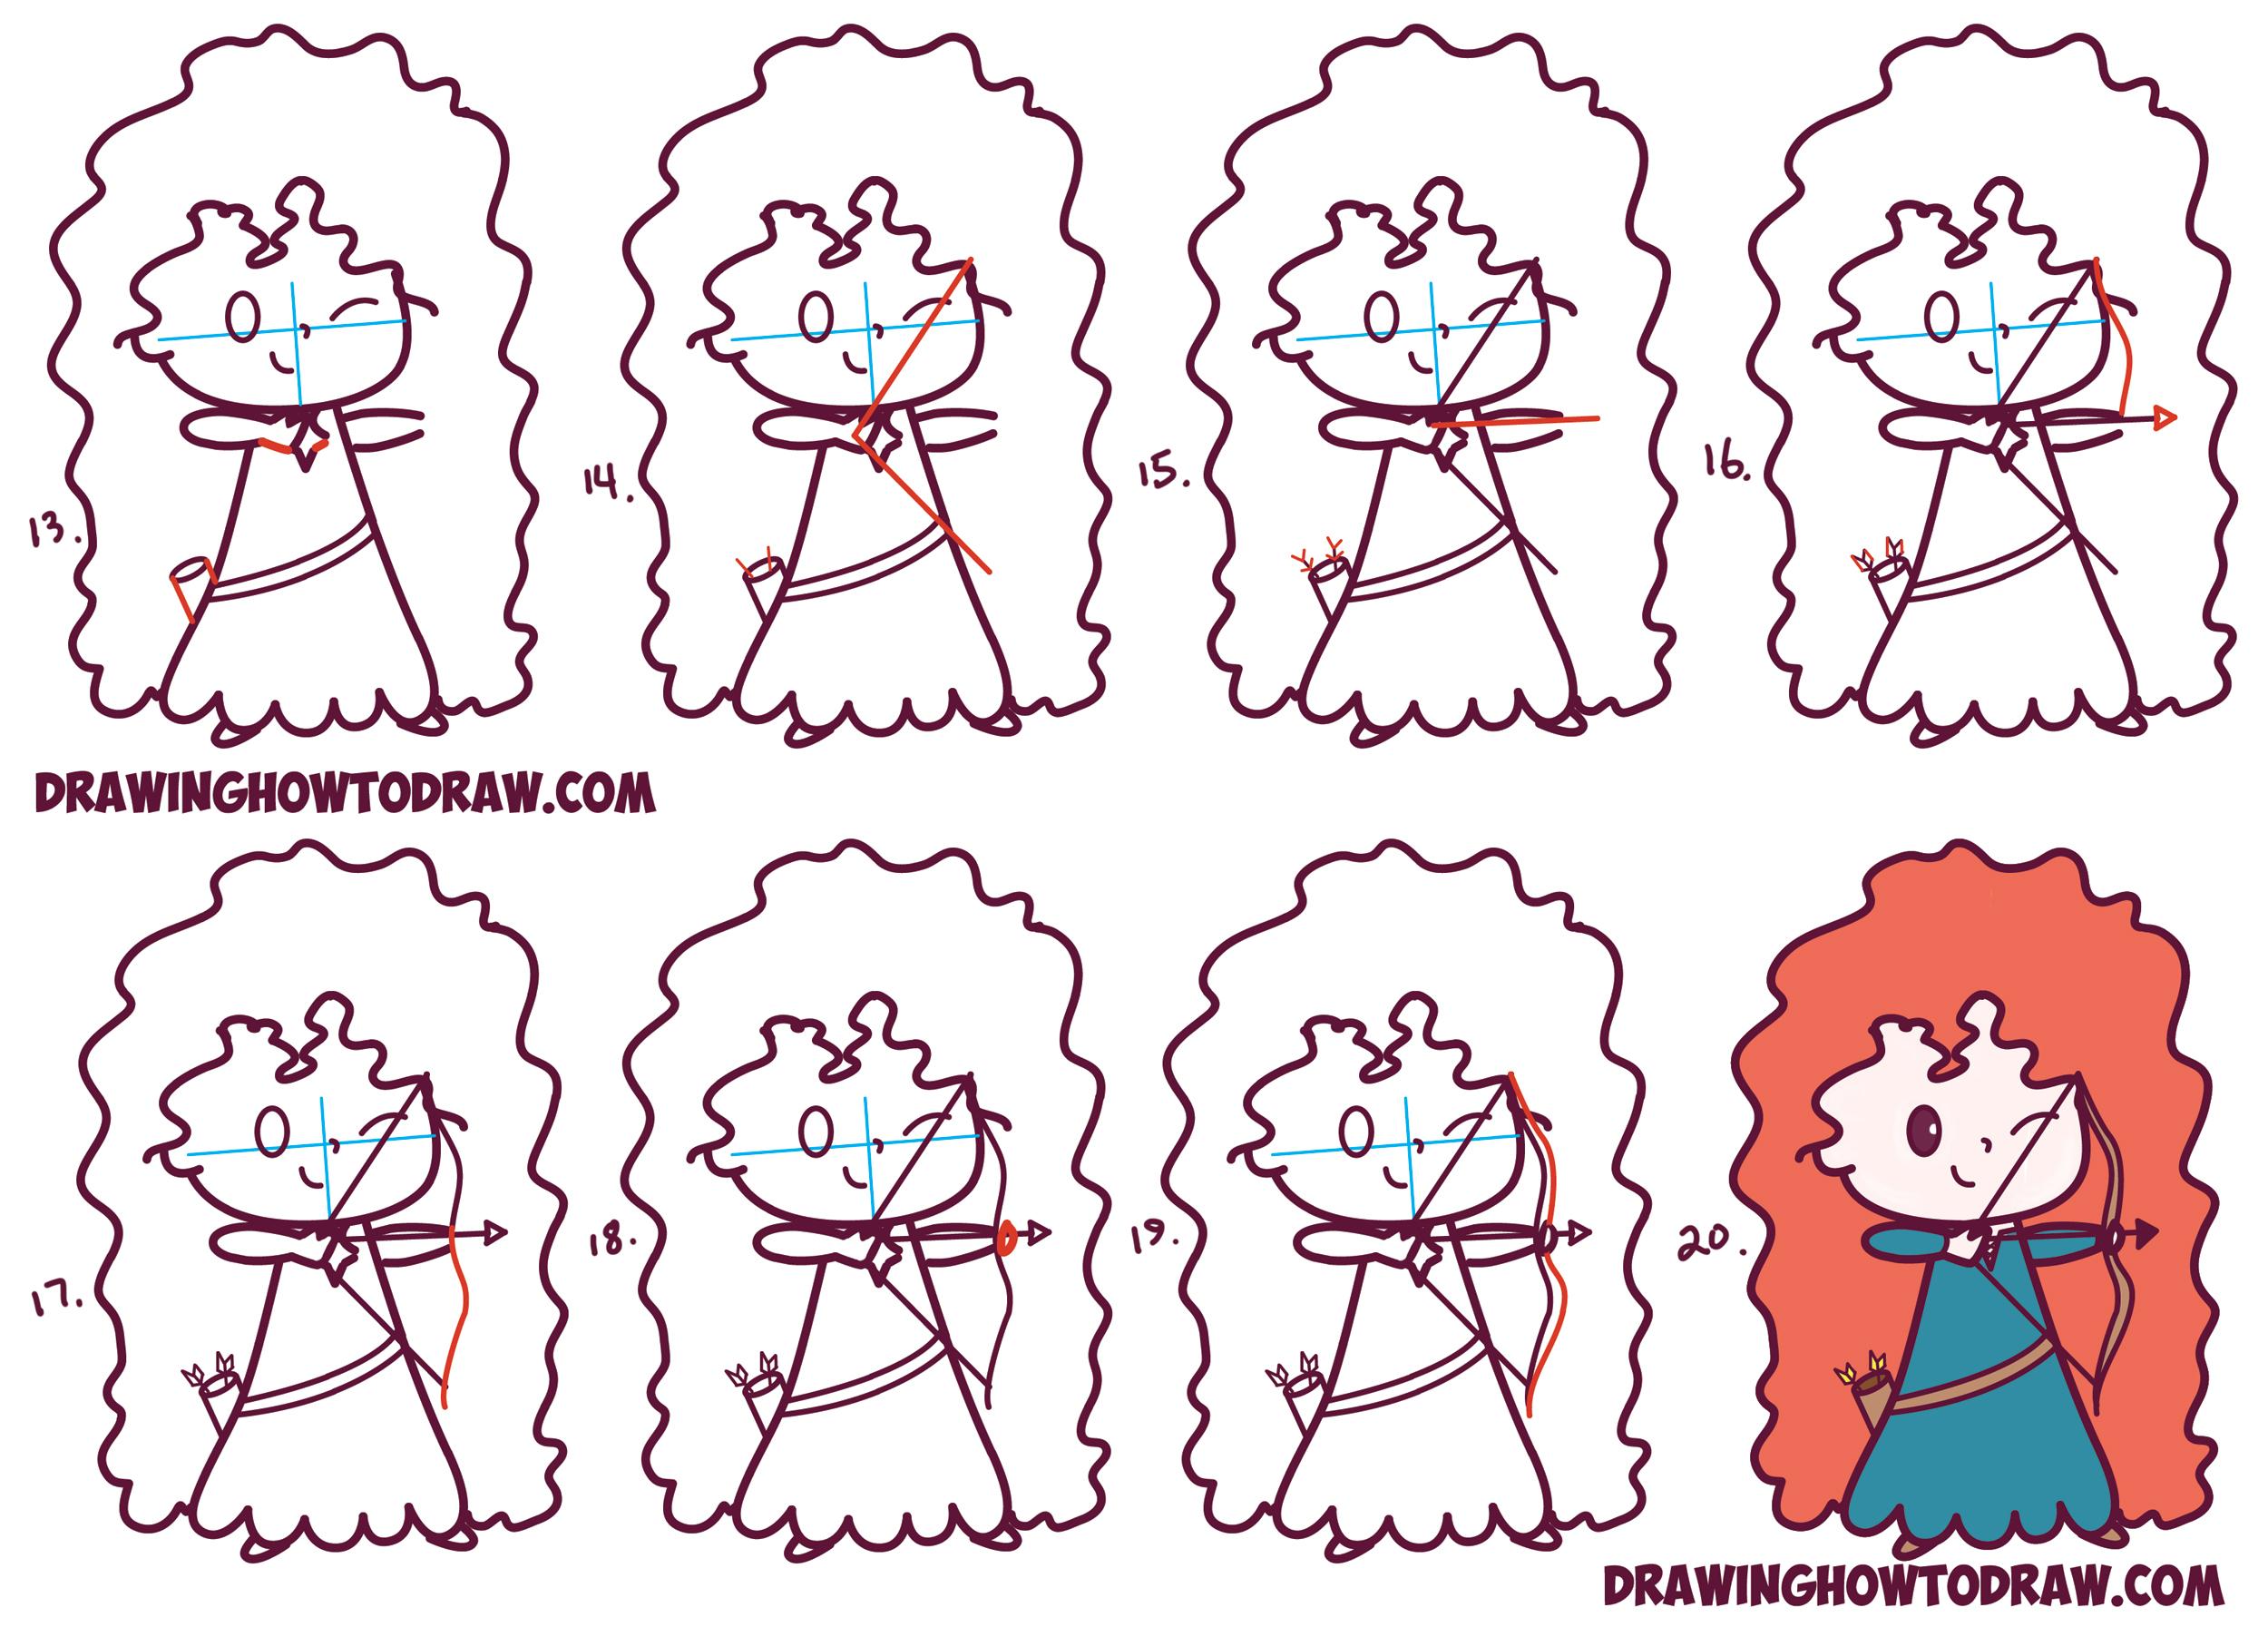 Cute Easy Disney Drawings Step By Step